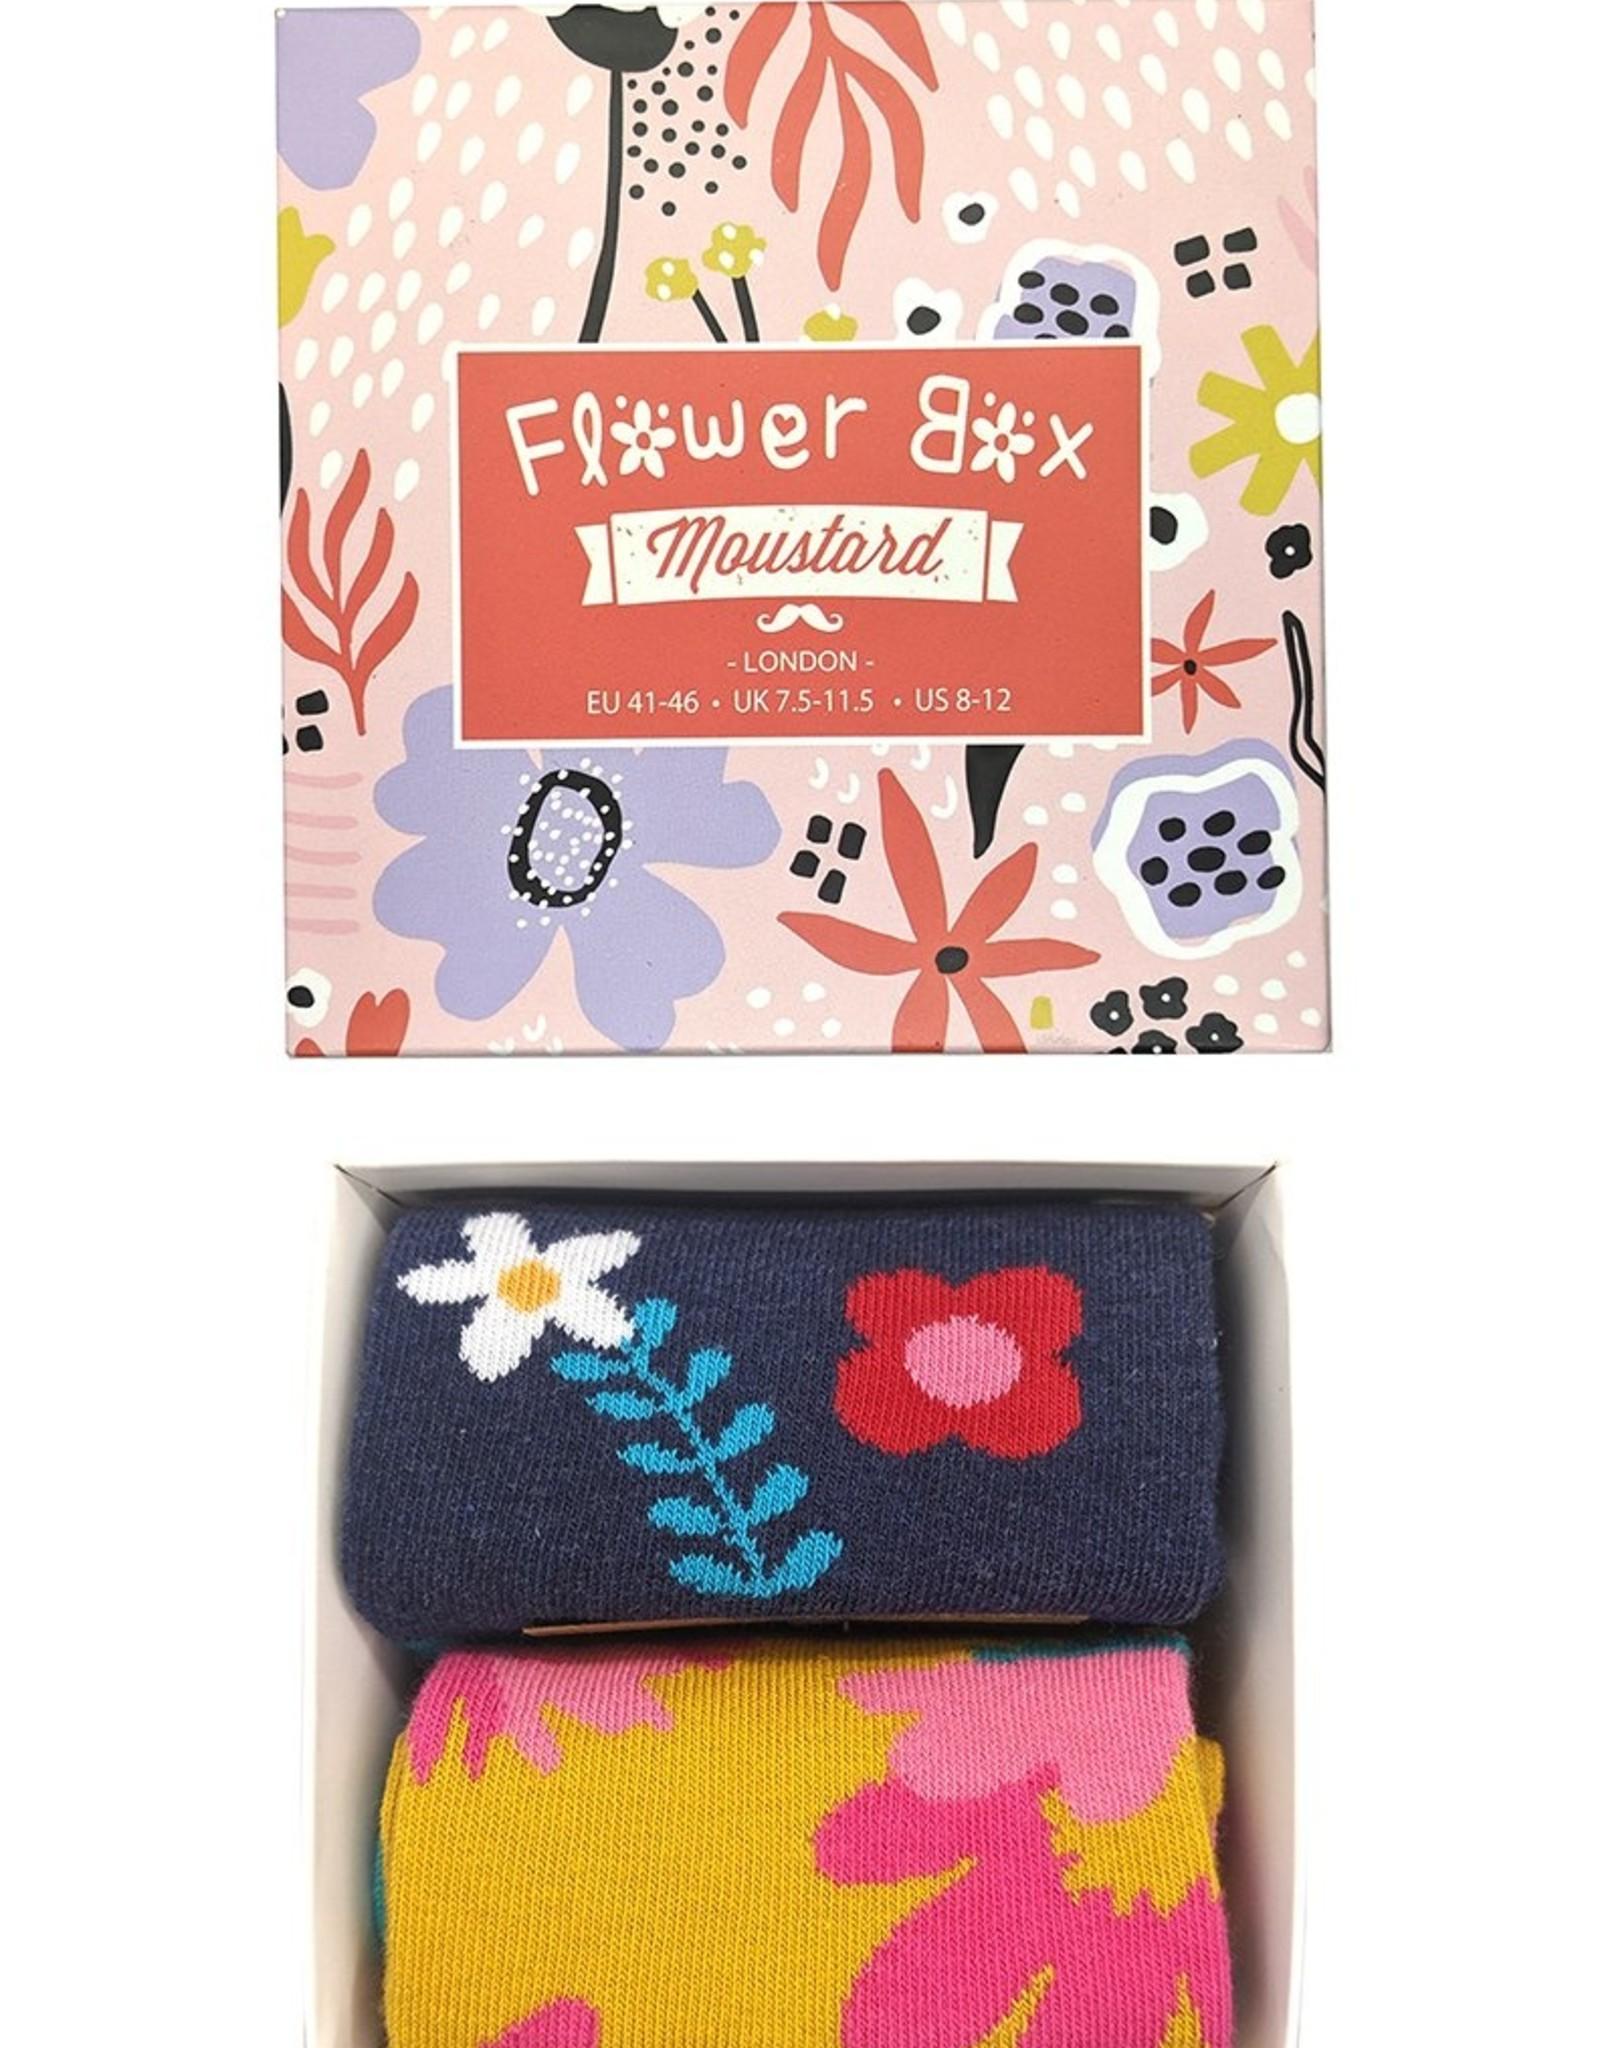 Moustard - Flower box 41-46